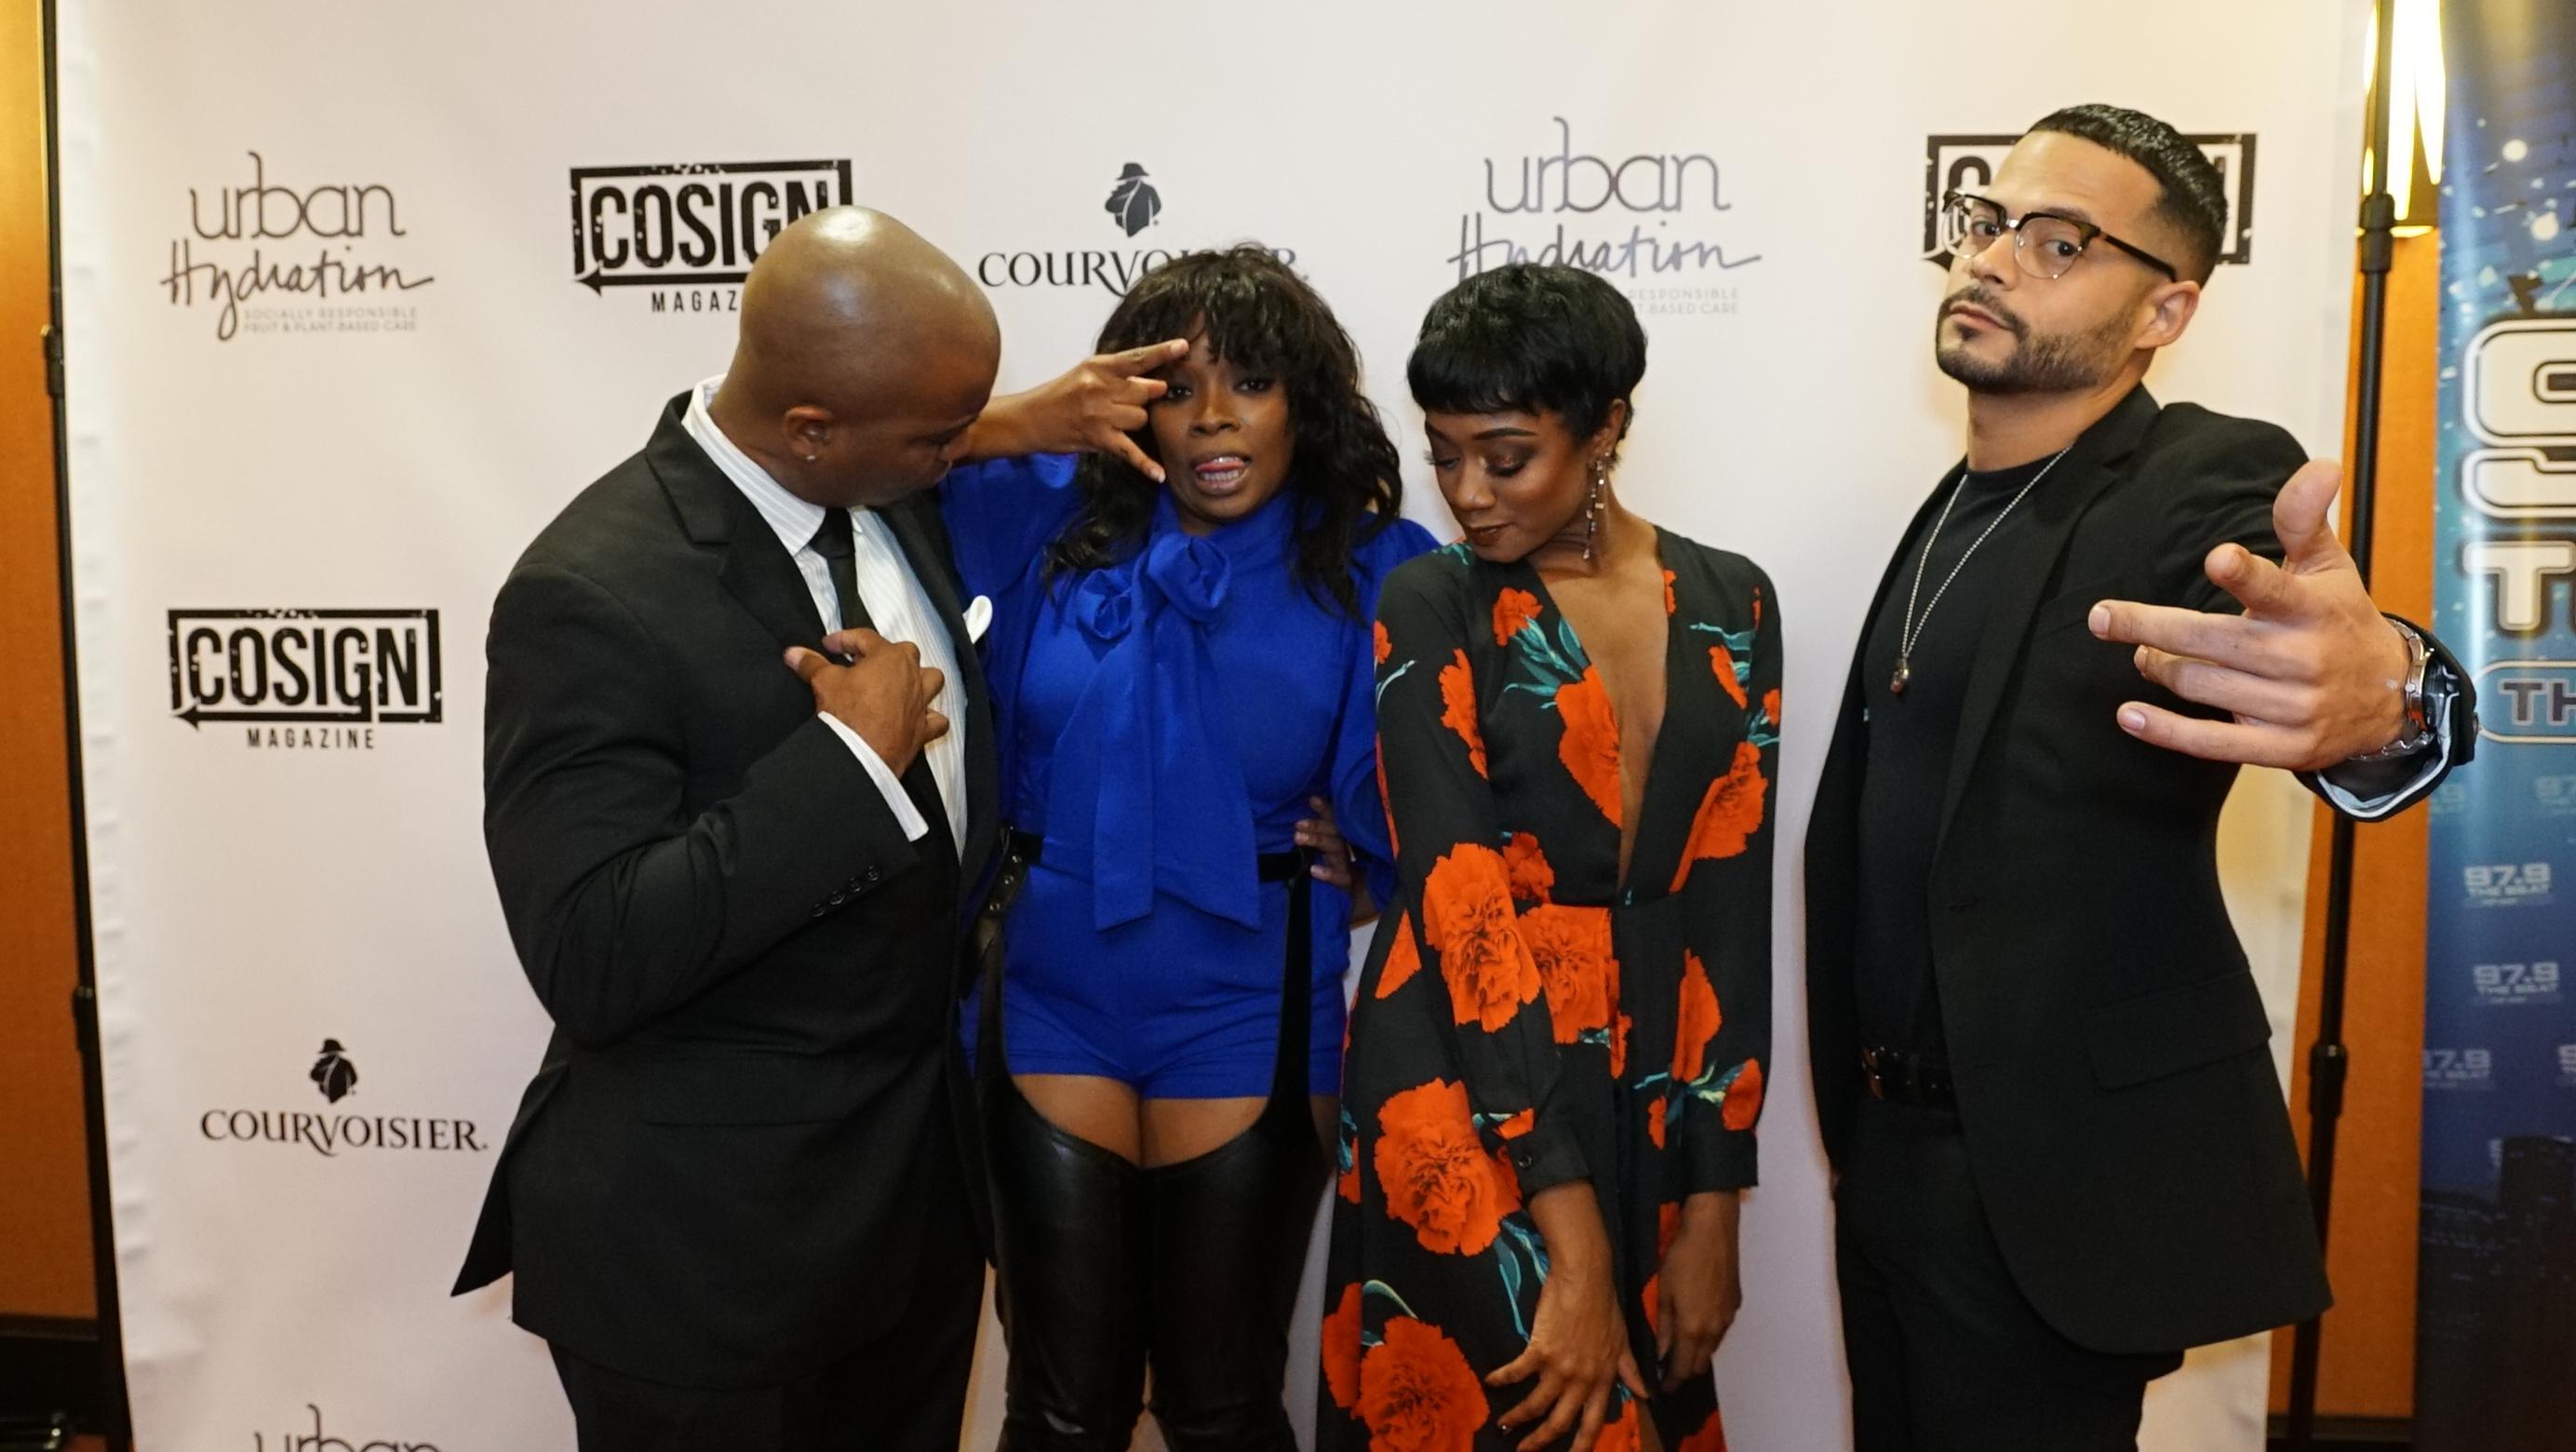 Cosign Awards 2018 (PHOTOS)